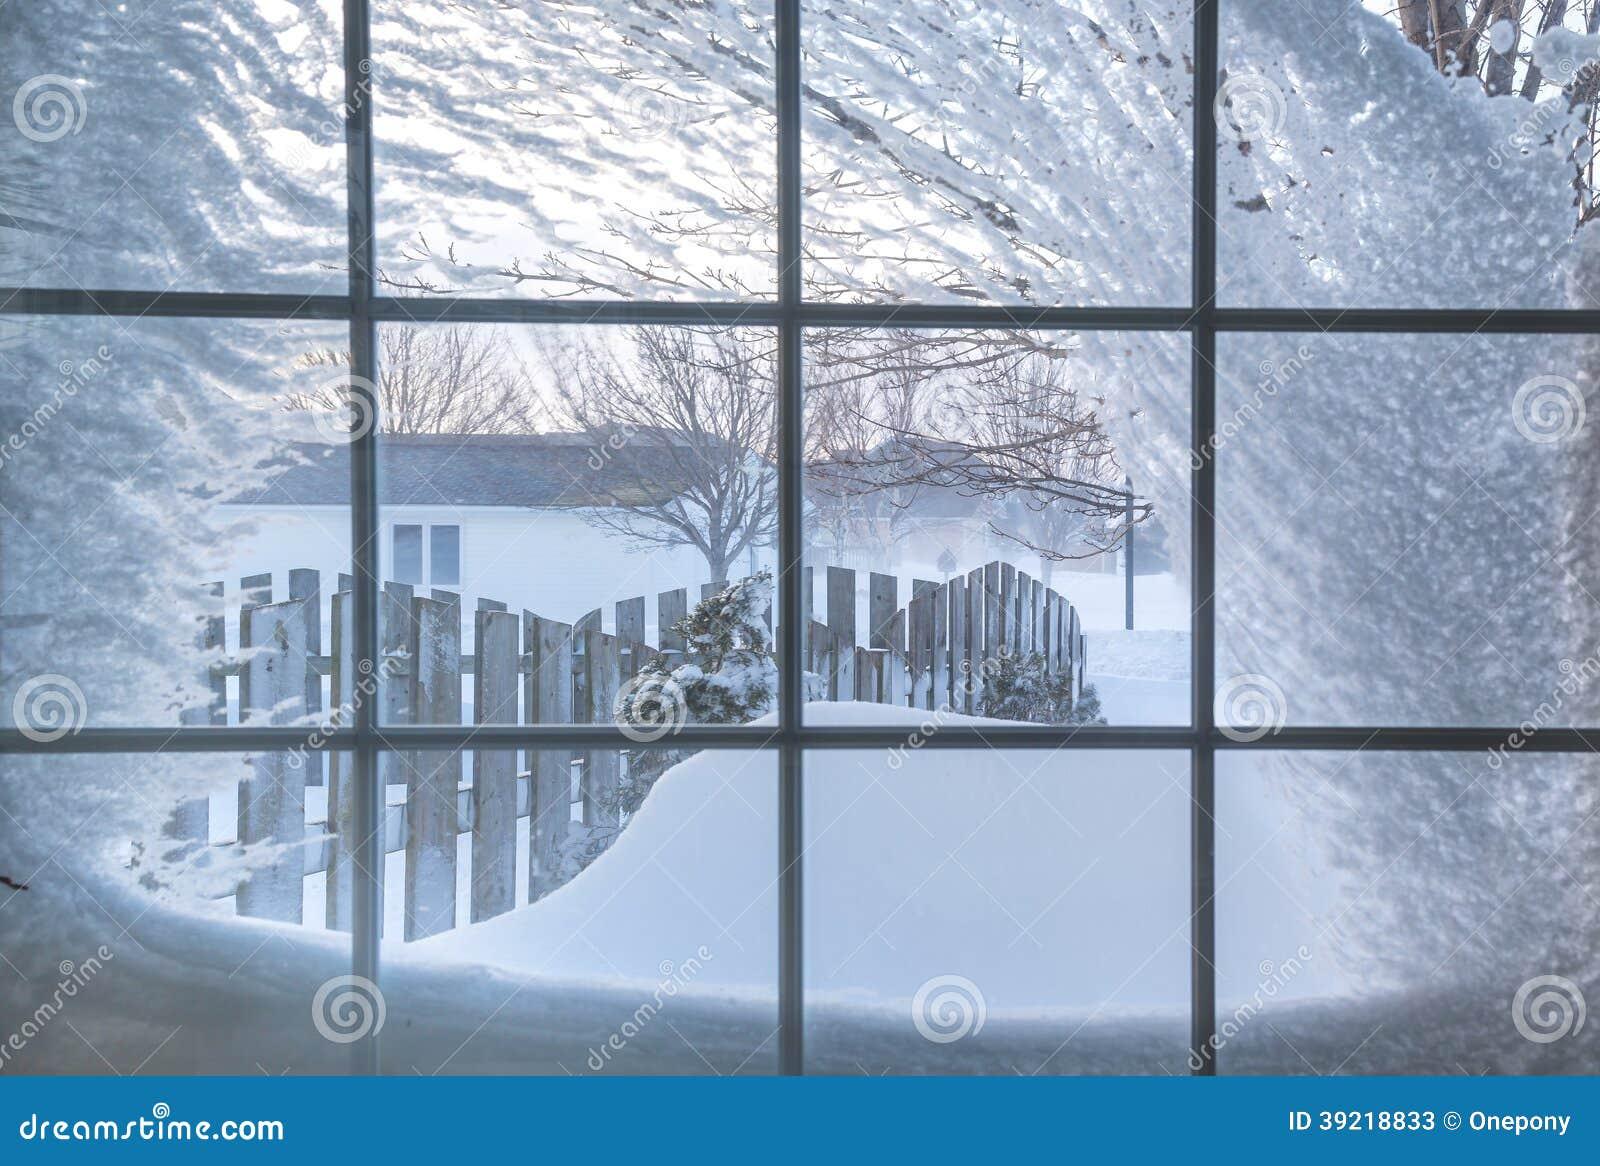 la neige a couvert la fen tre photo stock image 39218833